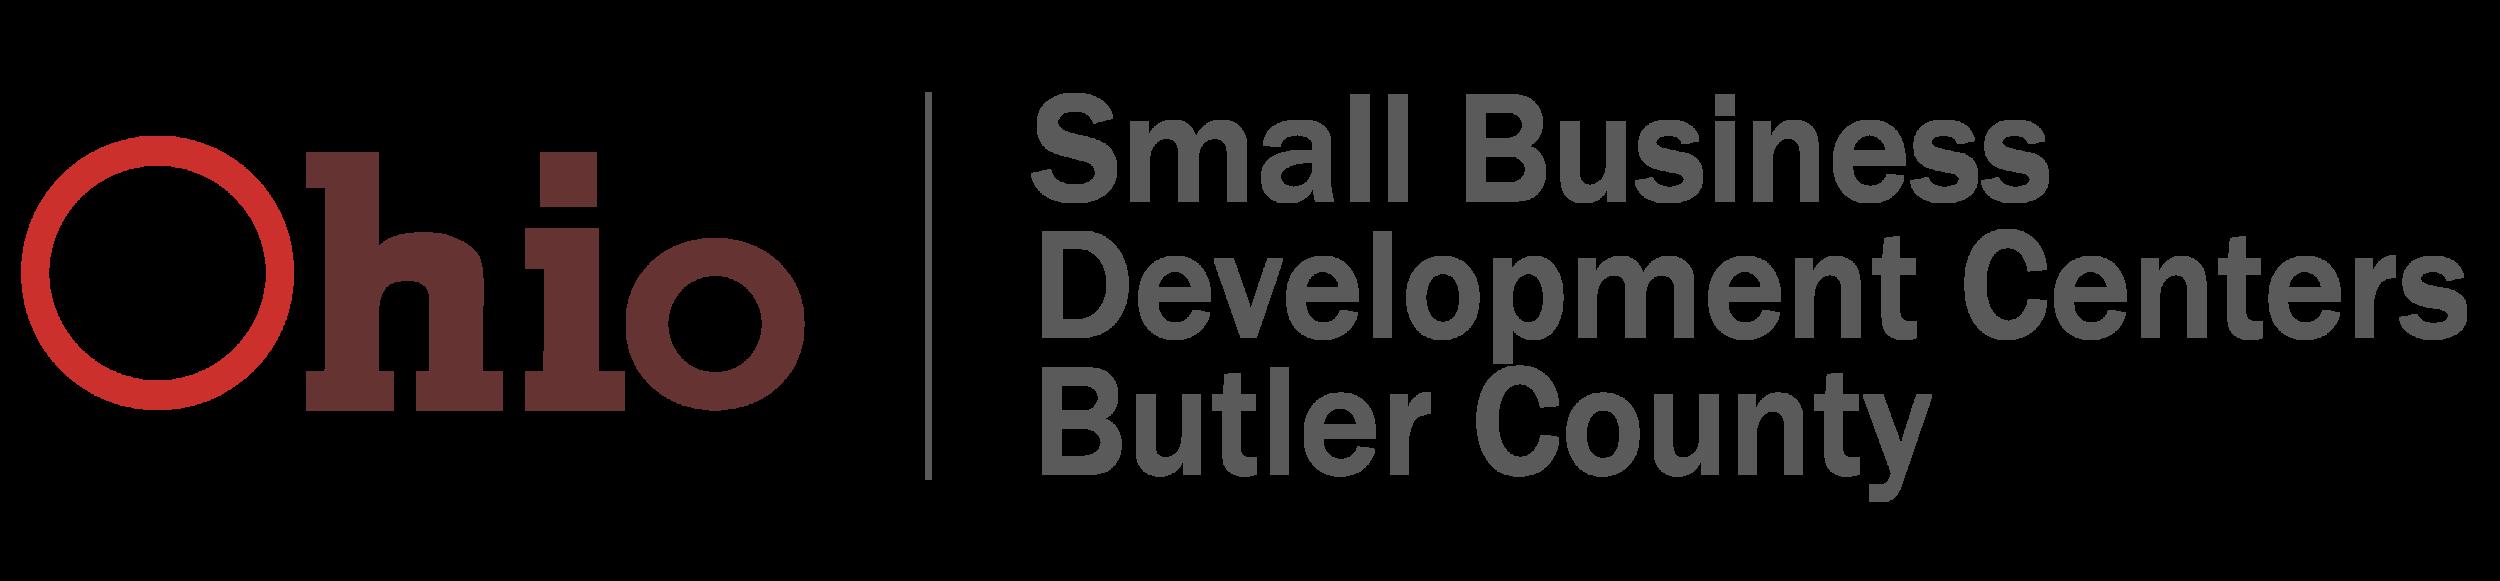 sbdc_logo-01.png